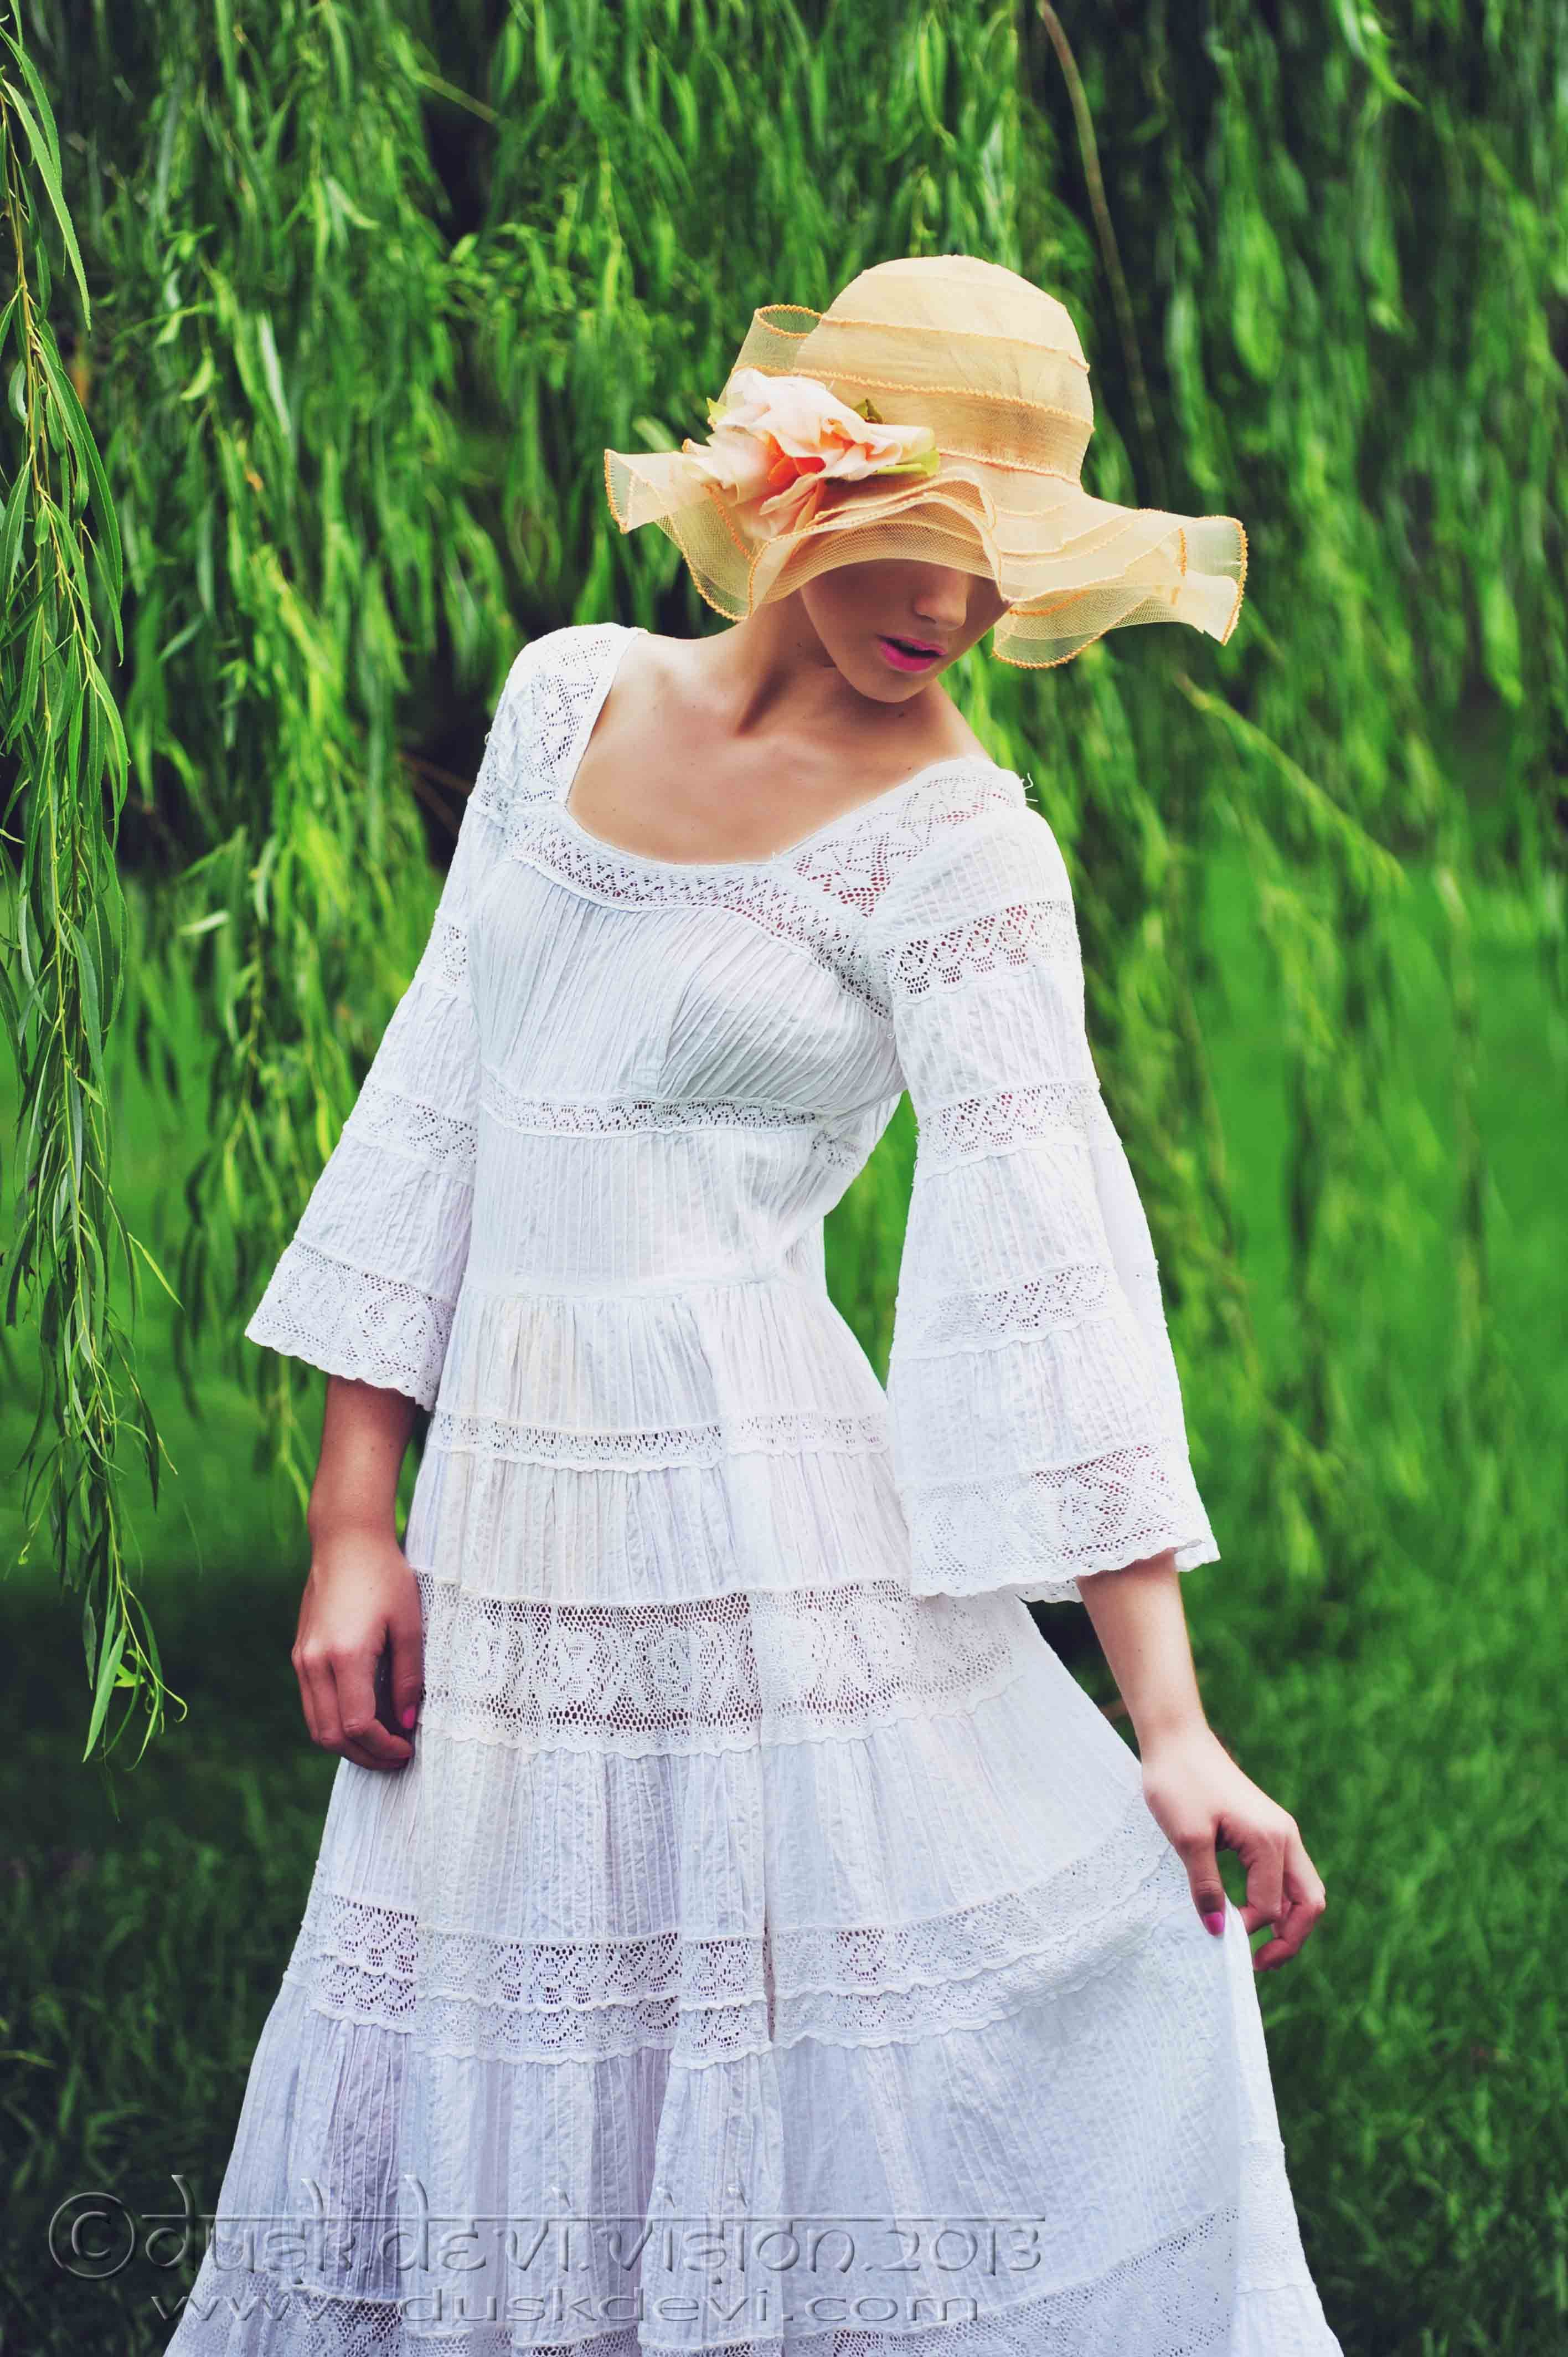 #vintage #1970s #crochet #lace #dress. Dusk Devi Vision photography for Vintage Junkyard.    www.facebook.com/vintagejunkyard